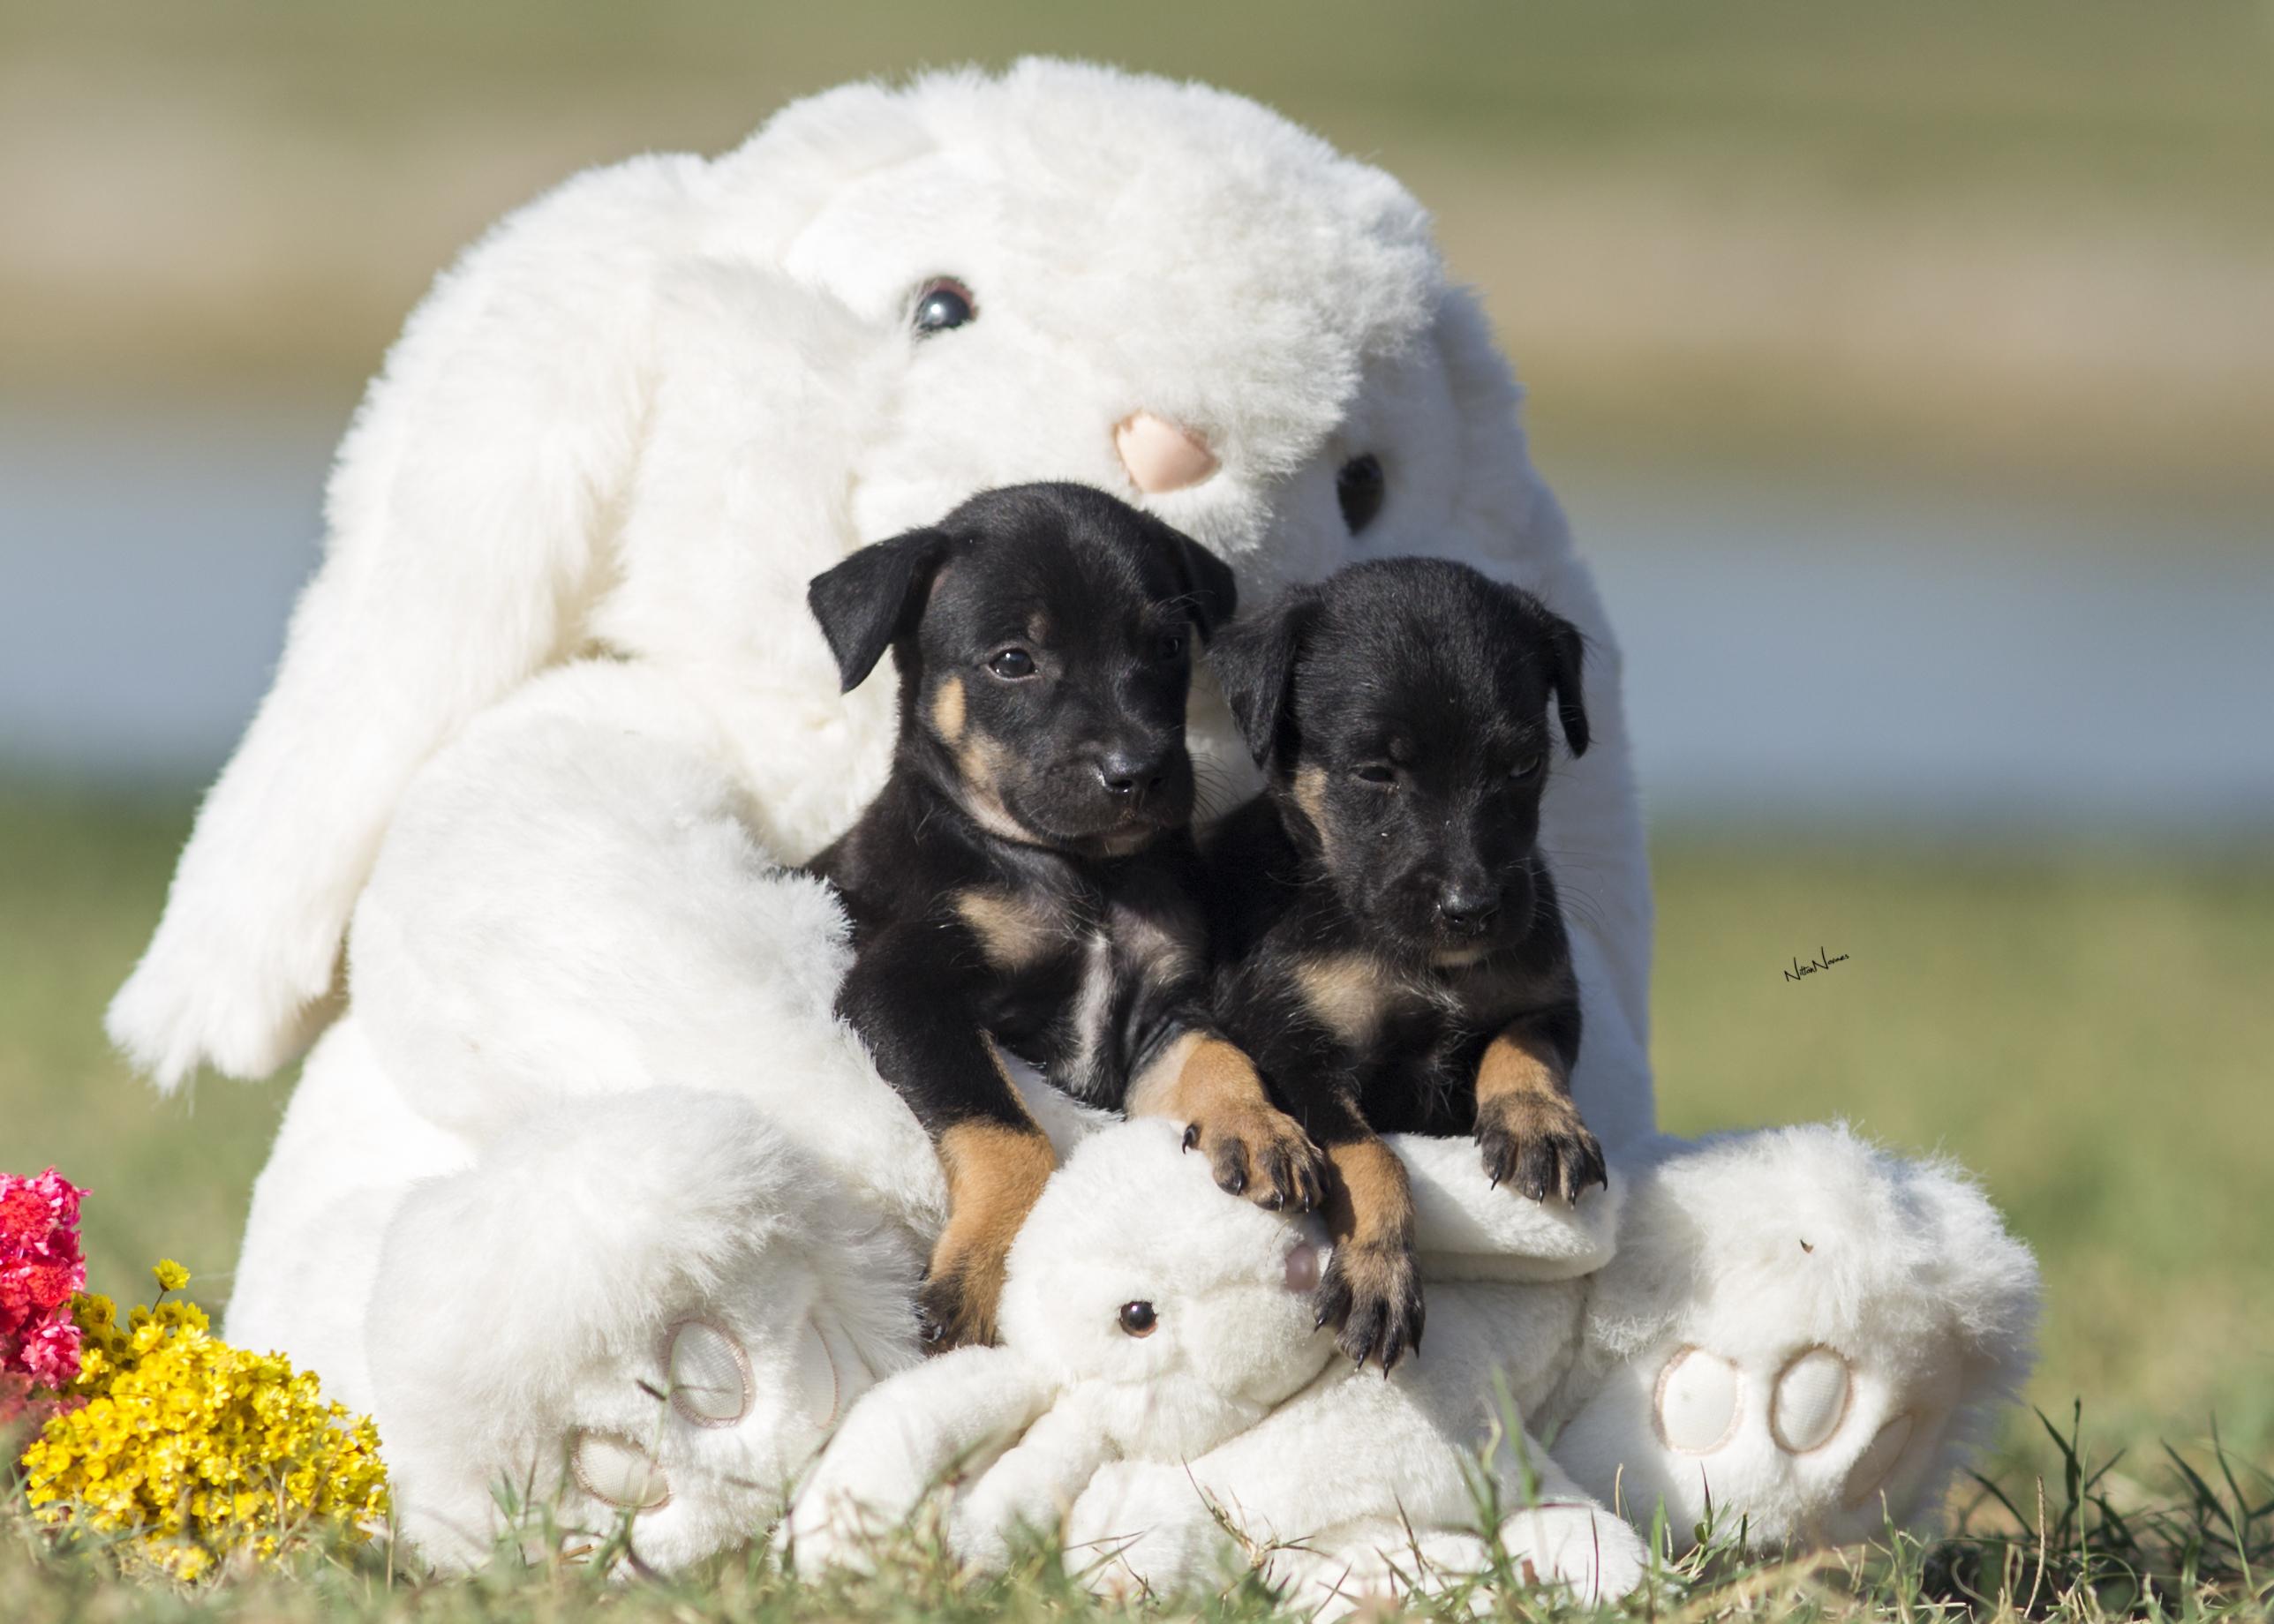 A fotografia de cinofilia é aquela onde cada detalhe dos cães é avaliado (FOTO: Nilton Novaes)